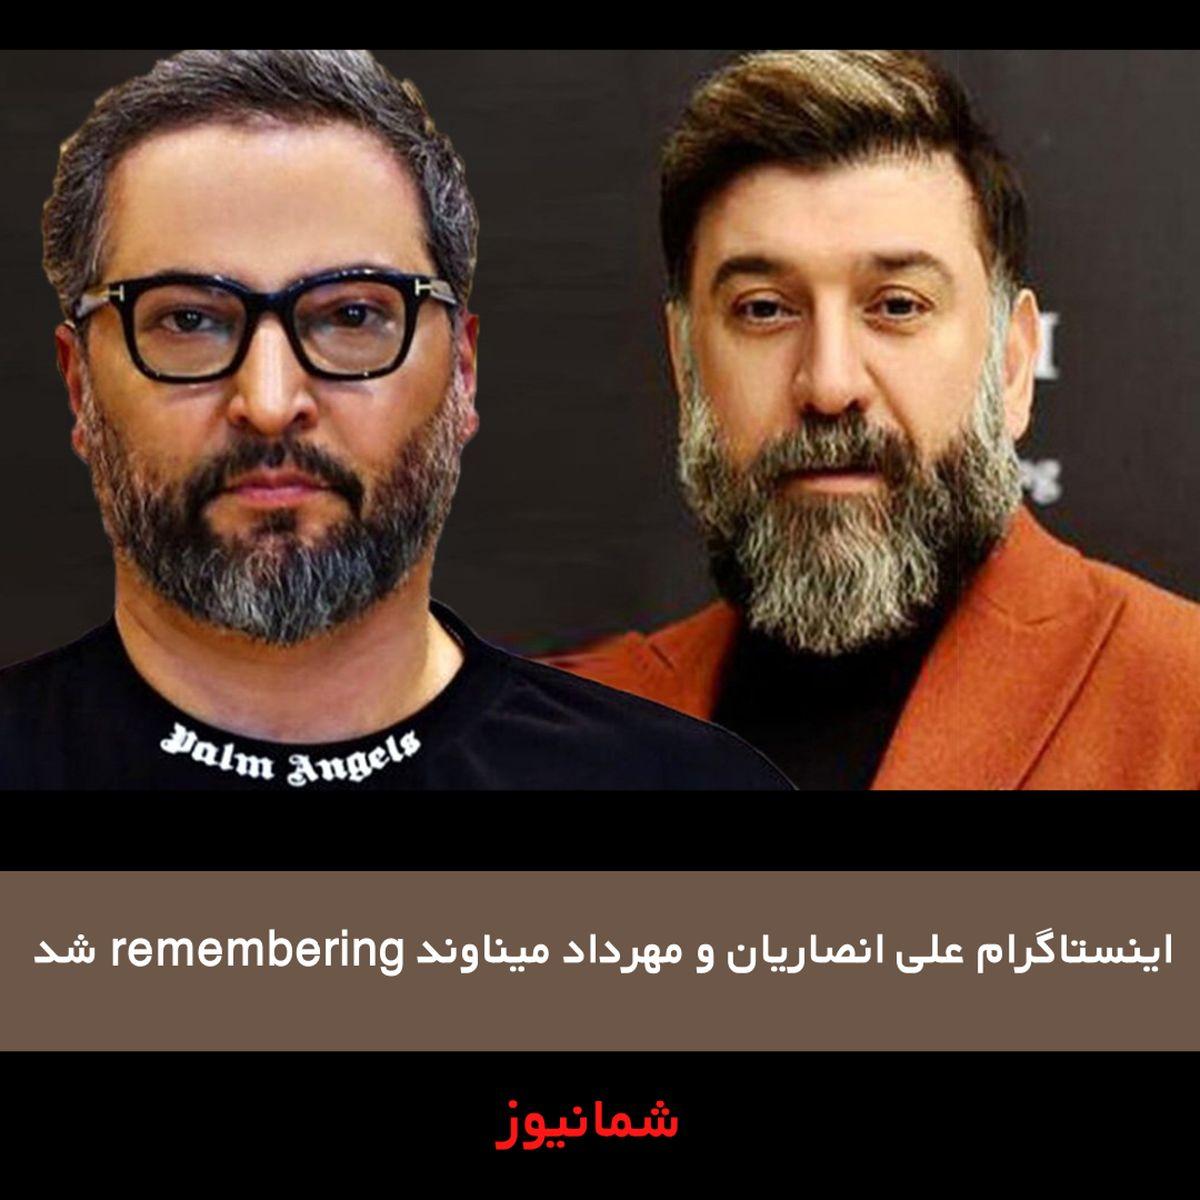 تصمیم اینستاگرام برای صفحه علی انصاریان و مهرداد میناوند + عکس